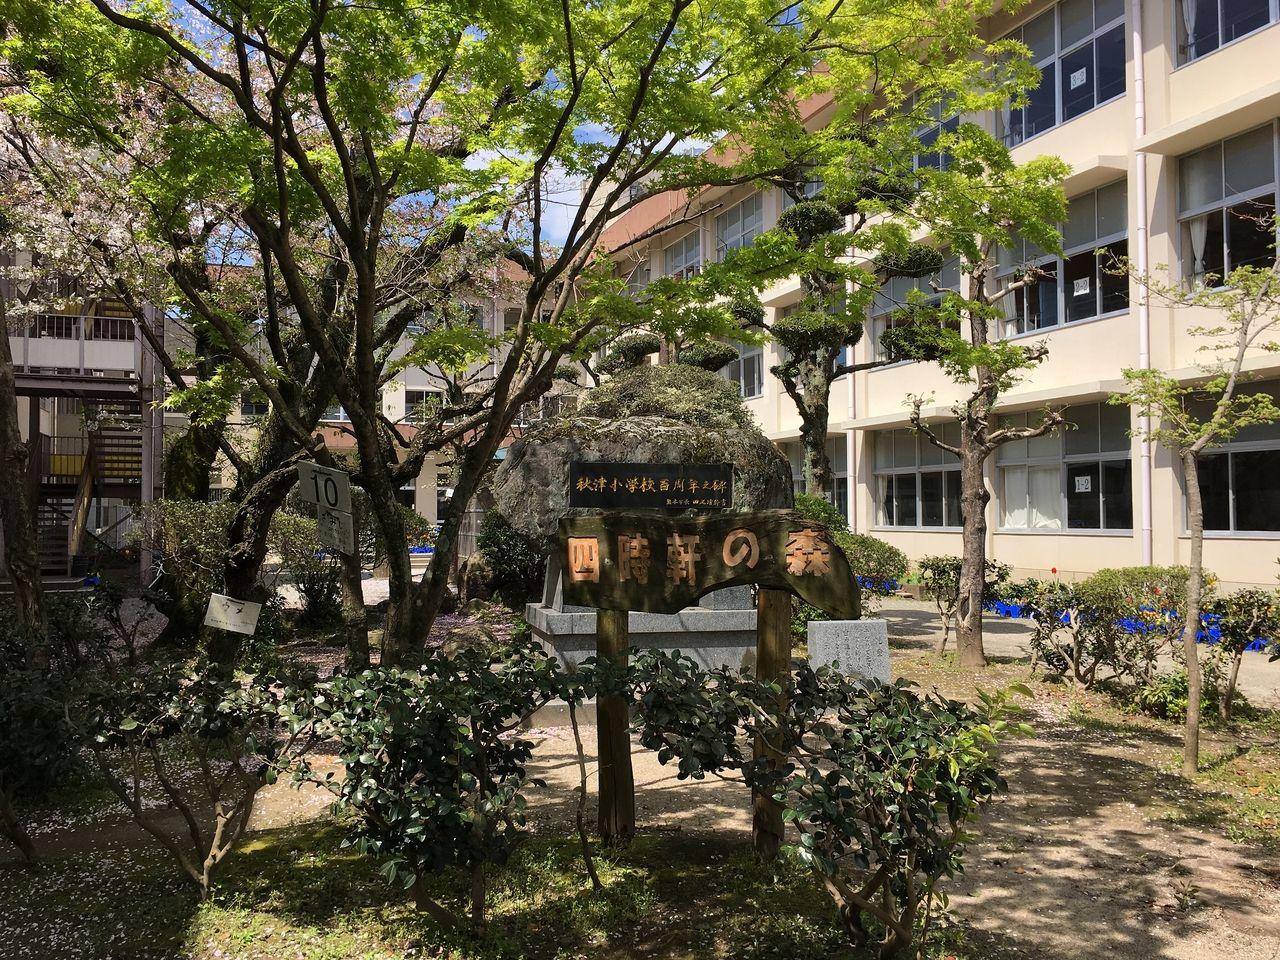 秋津小学校中庭にある四時軒の森